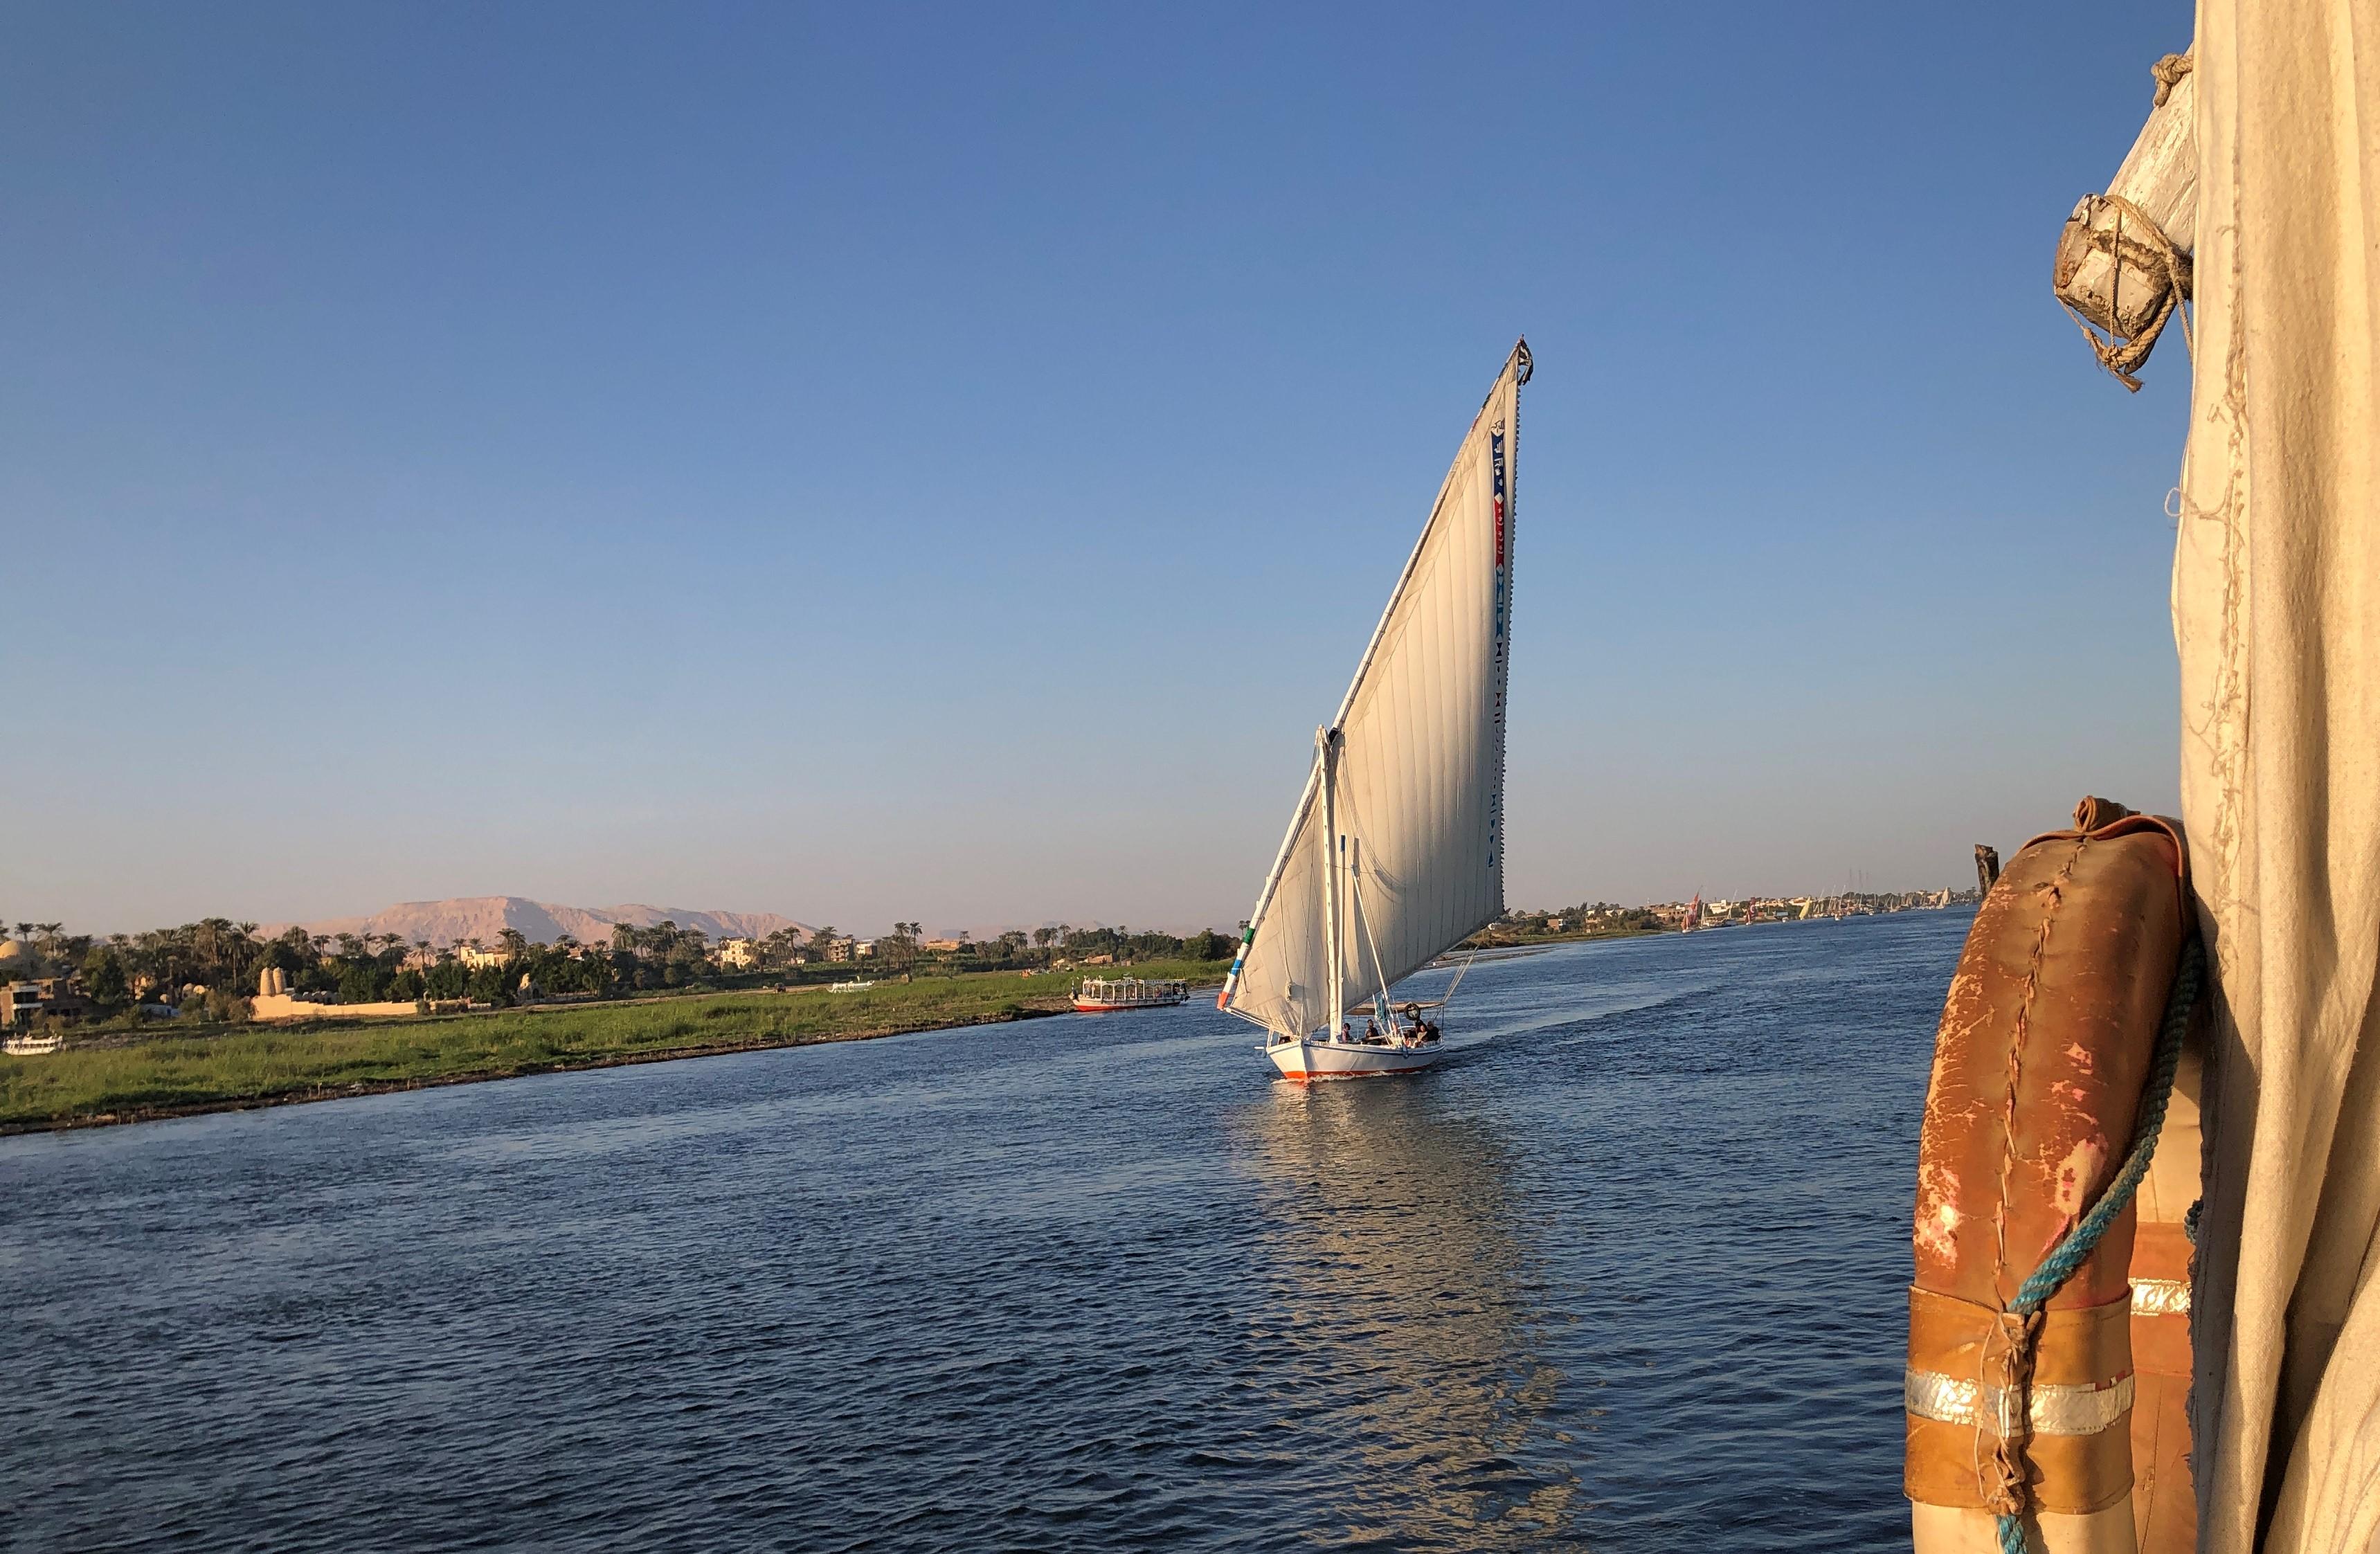 Egypt Nile Cruises propose du slow tourisme avec ses croisières en Dahabya sur le Nil... /crédit photo JDL